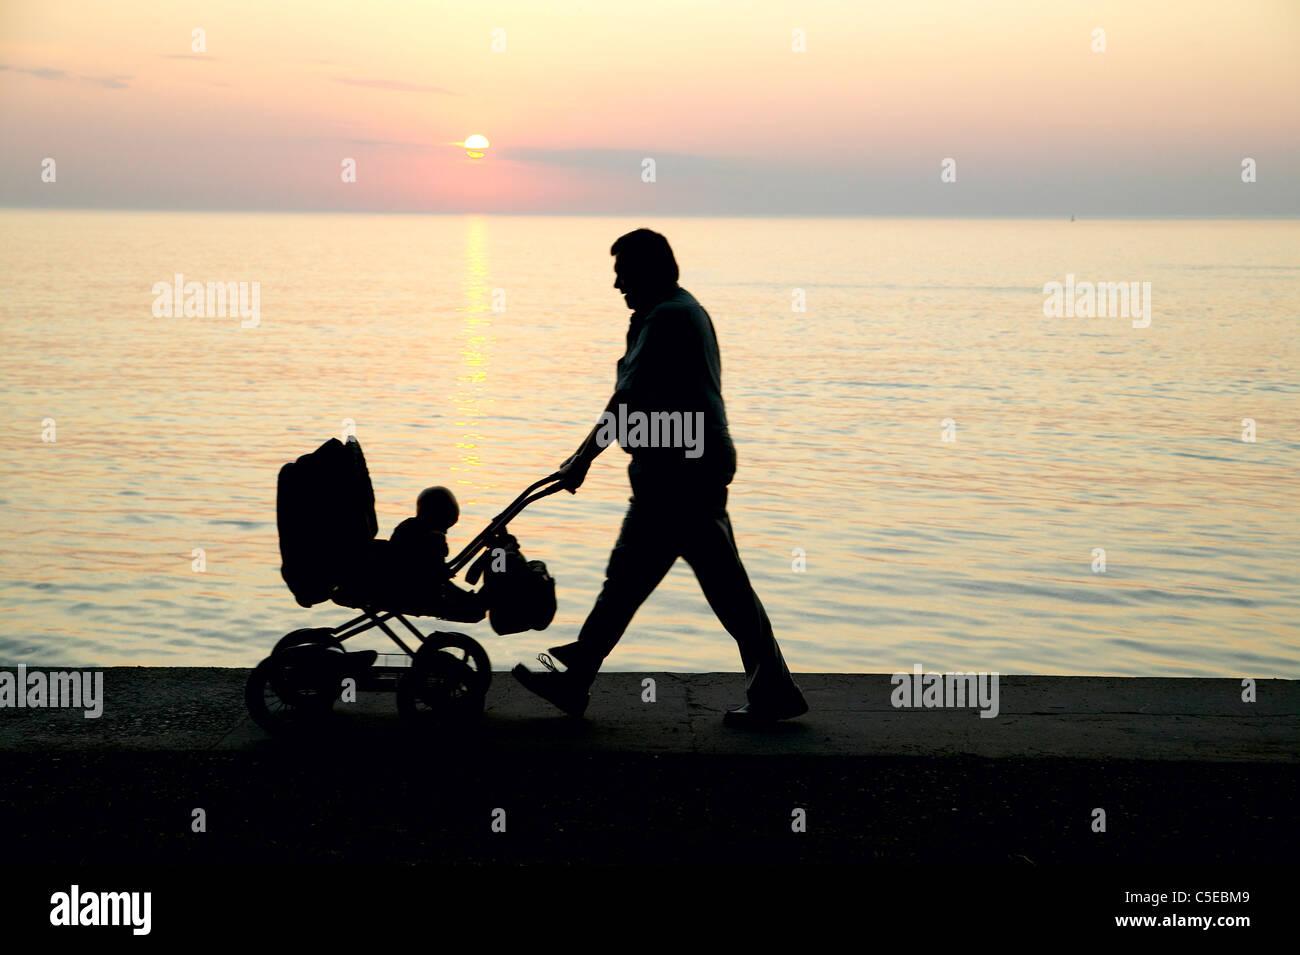 Vista laterale di una silhouette uomo con la PRAM camminando lungo il mare tranquillo al tramonto Immagini Stock